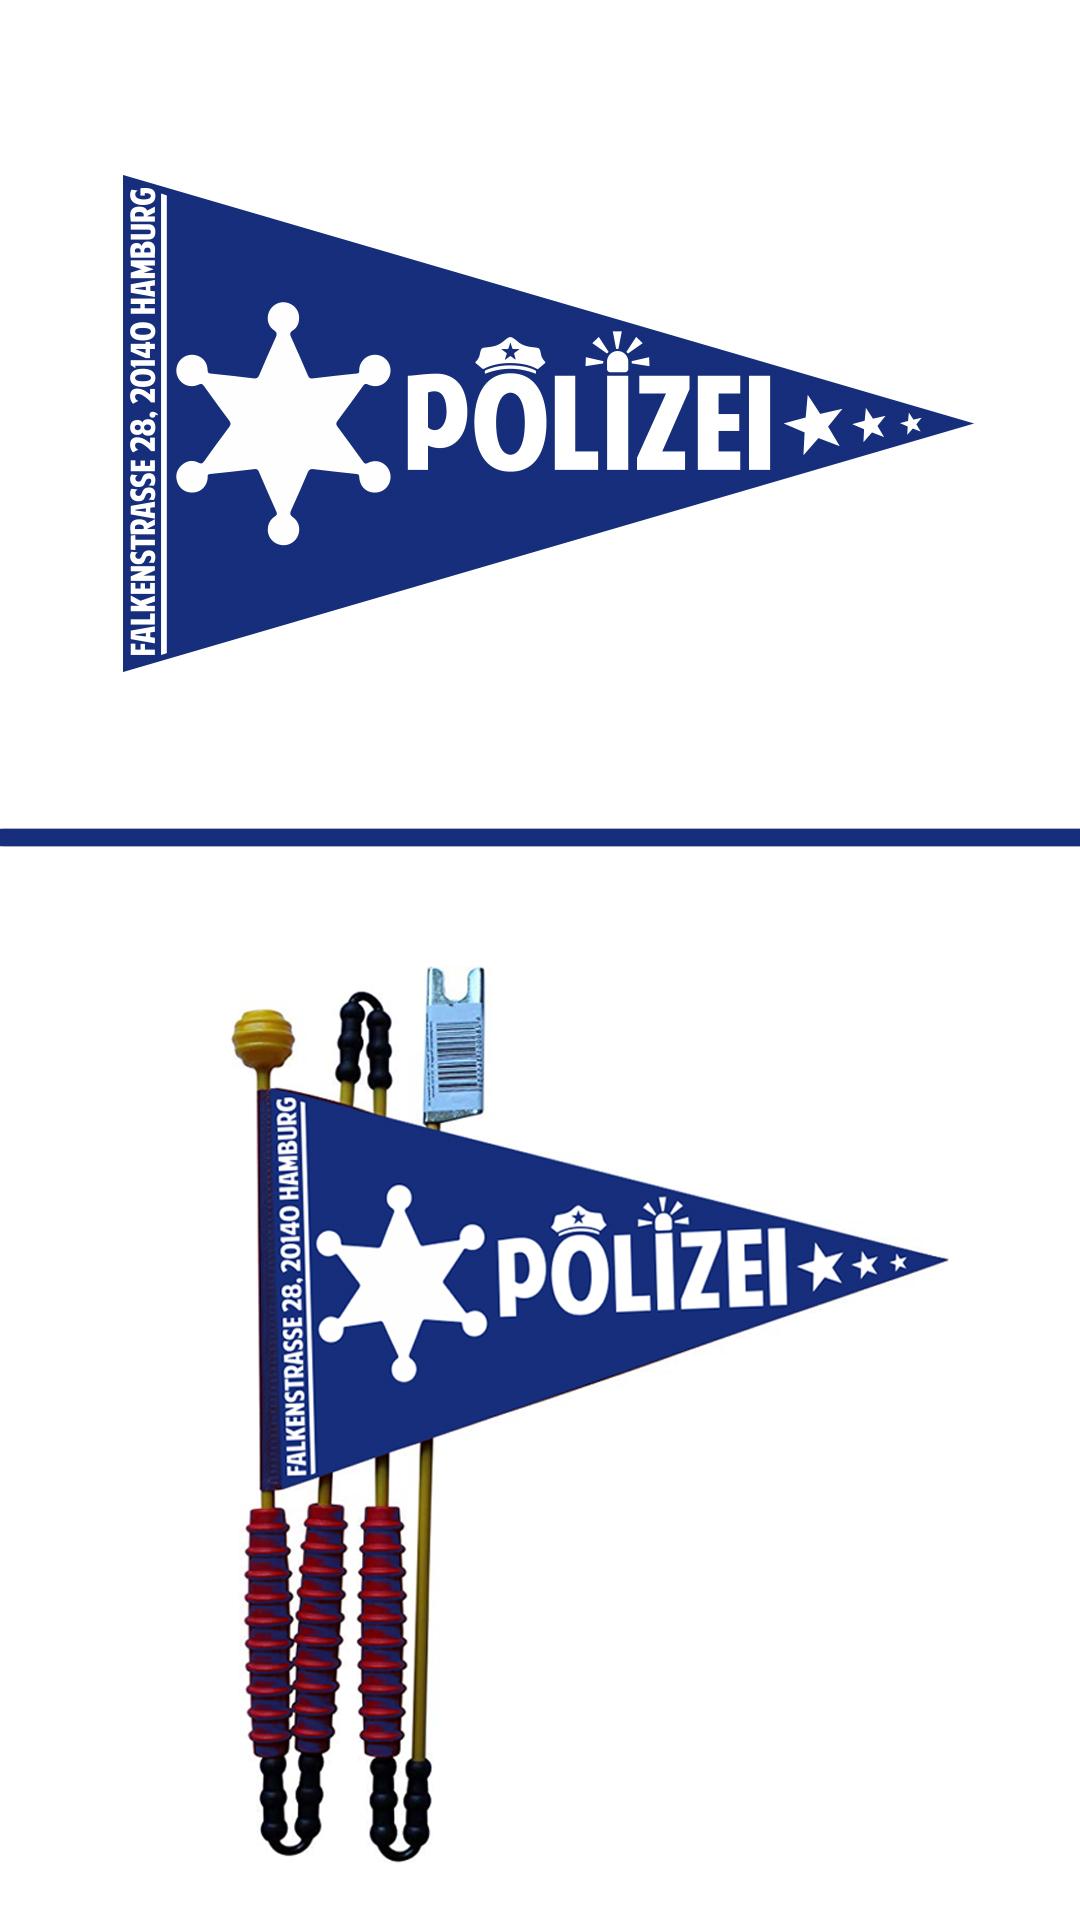 Erstellung eines Polizeiwimpels für Kinder